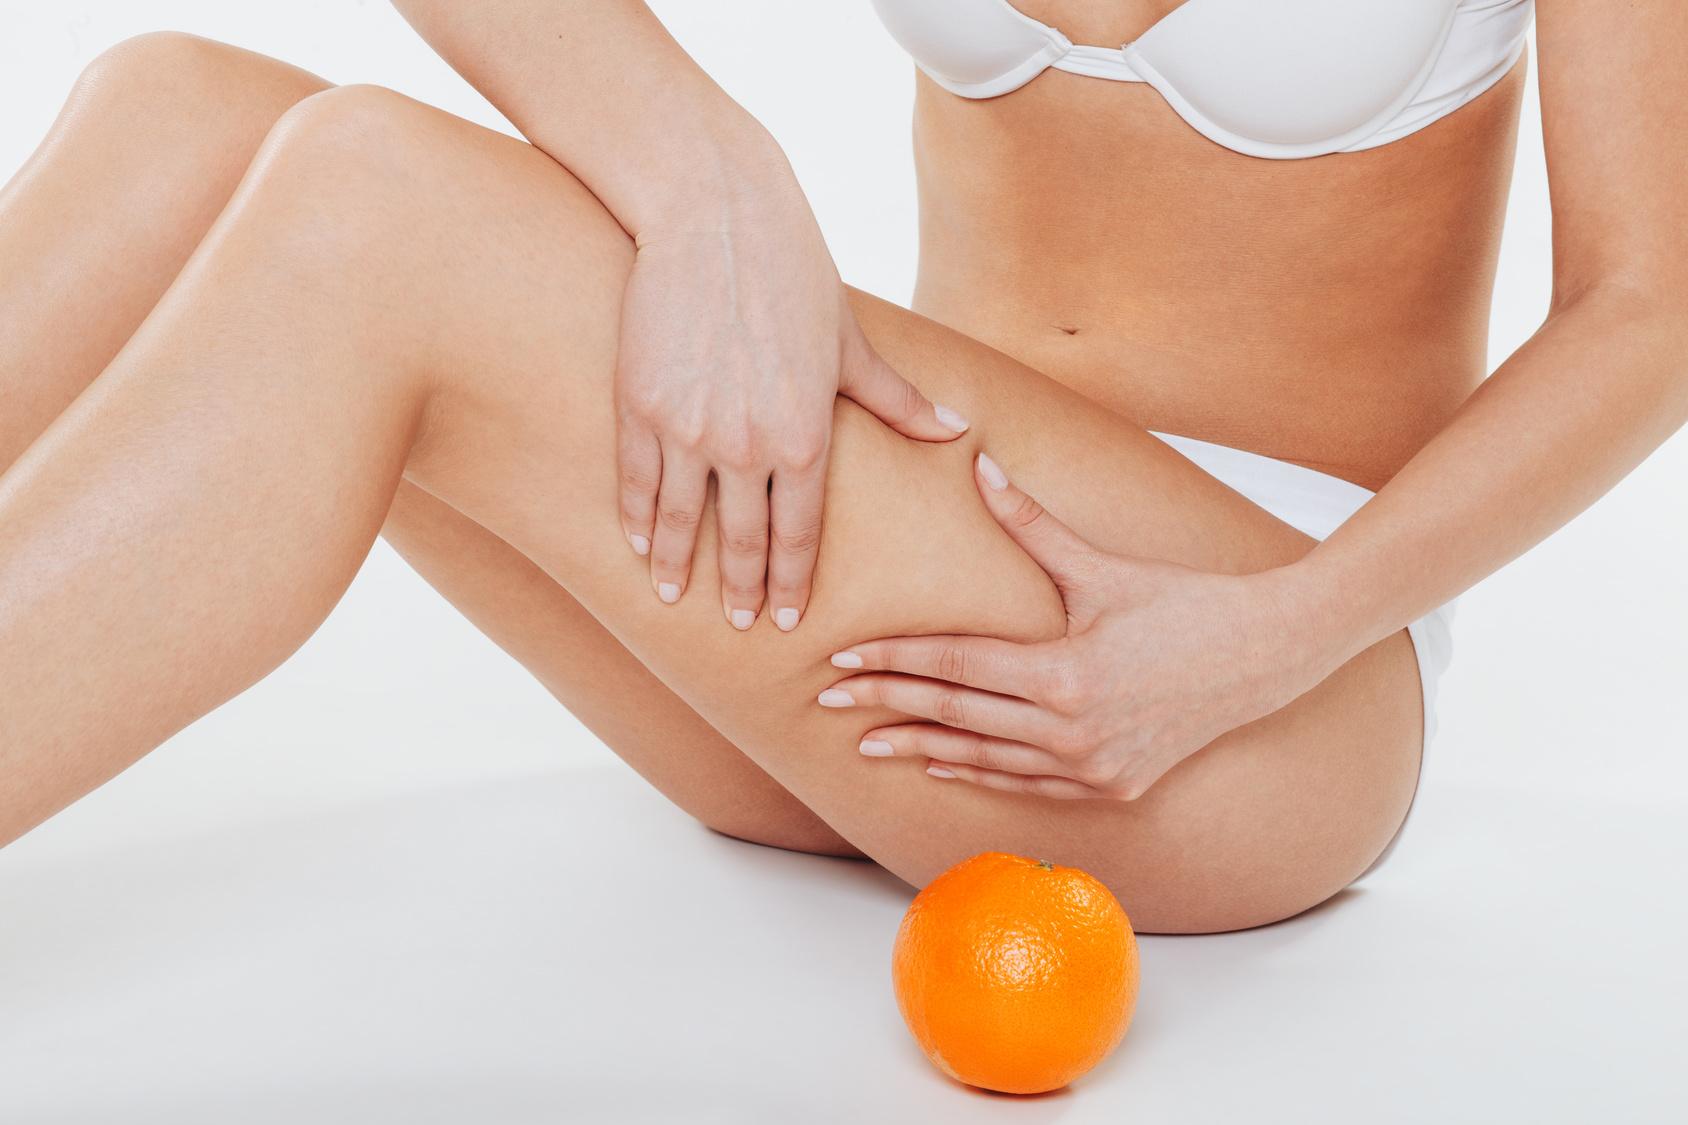 """Cała prawda o Cellulitis. Co może nasilić znienawidzony przez kobiety """"efekt skórki pomarańczy""""?"""